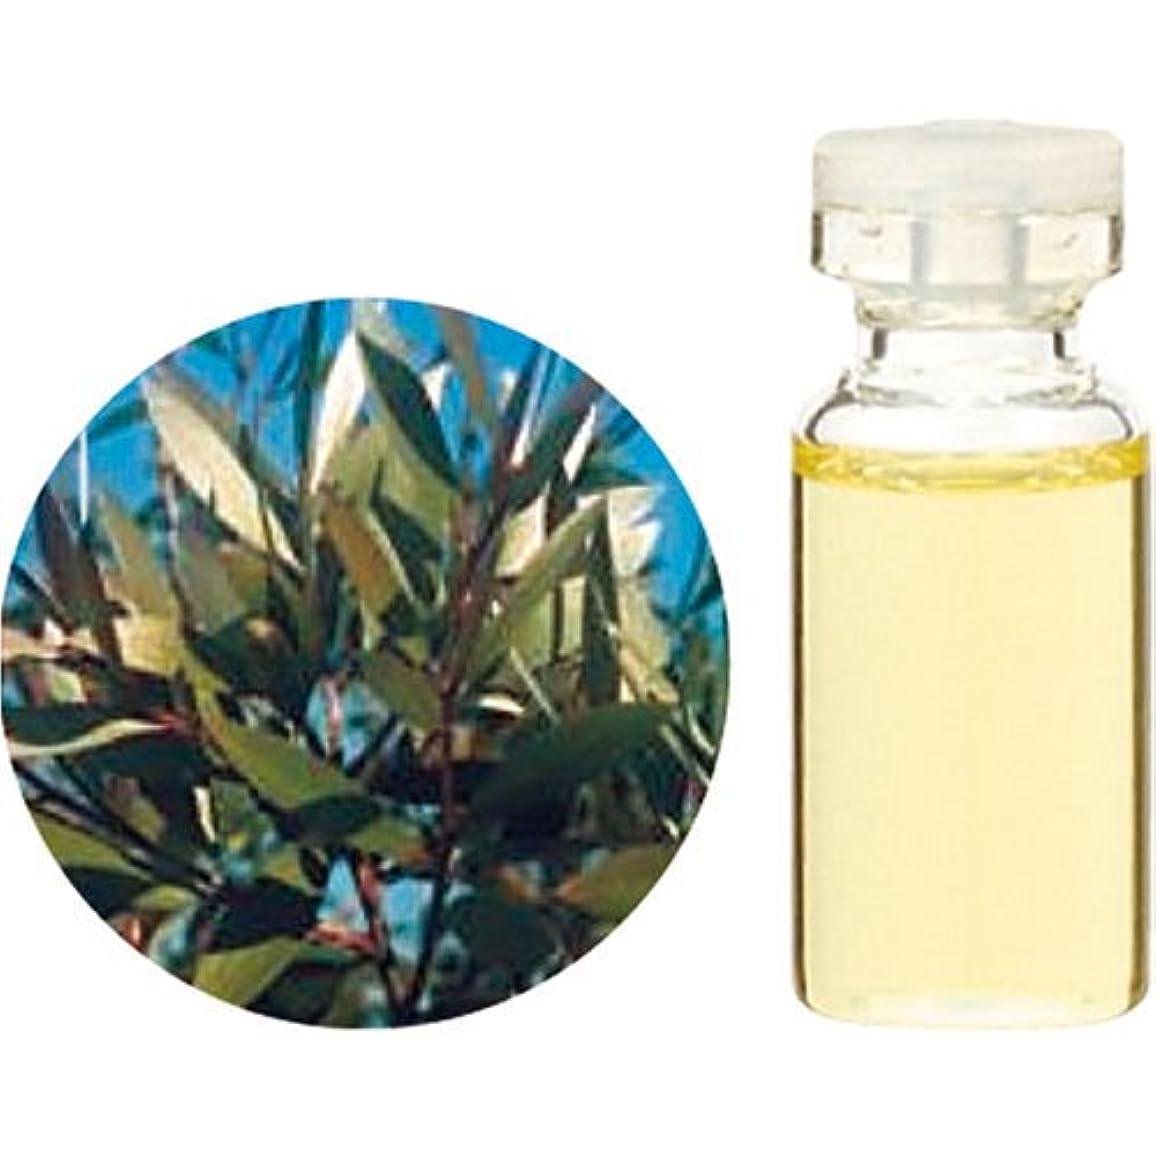 細胞外向きペチュランス生活の木 Cニアウリ ネロリドール エッセンシャルオイル 3ml